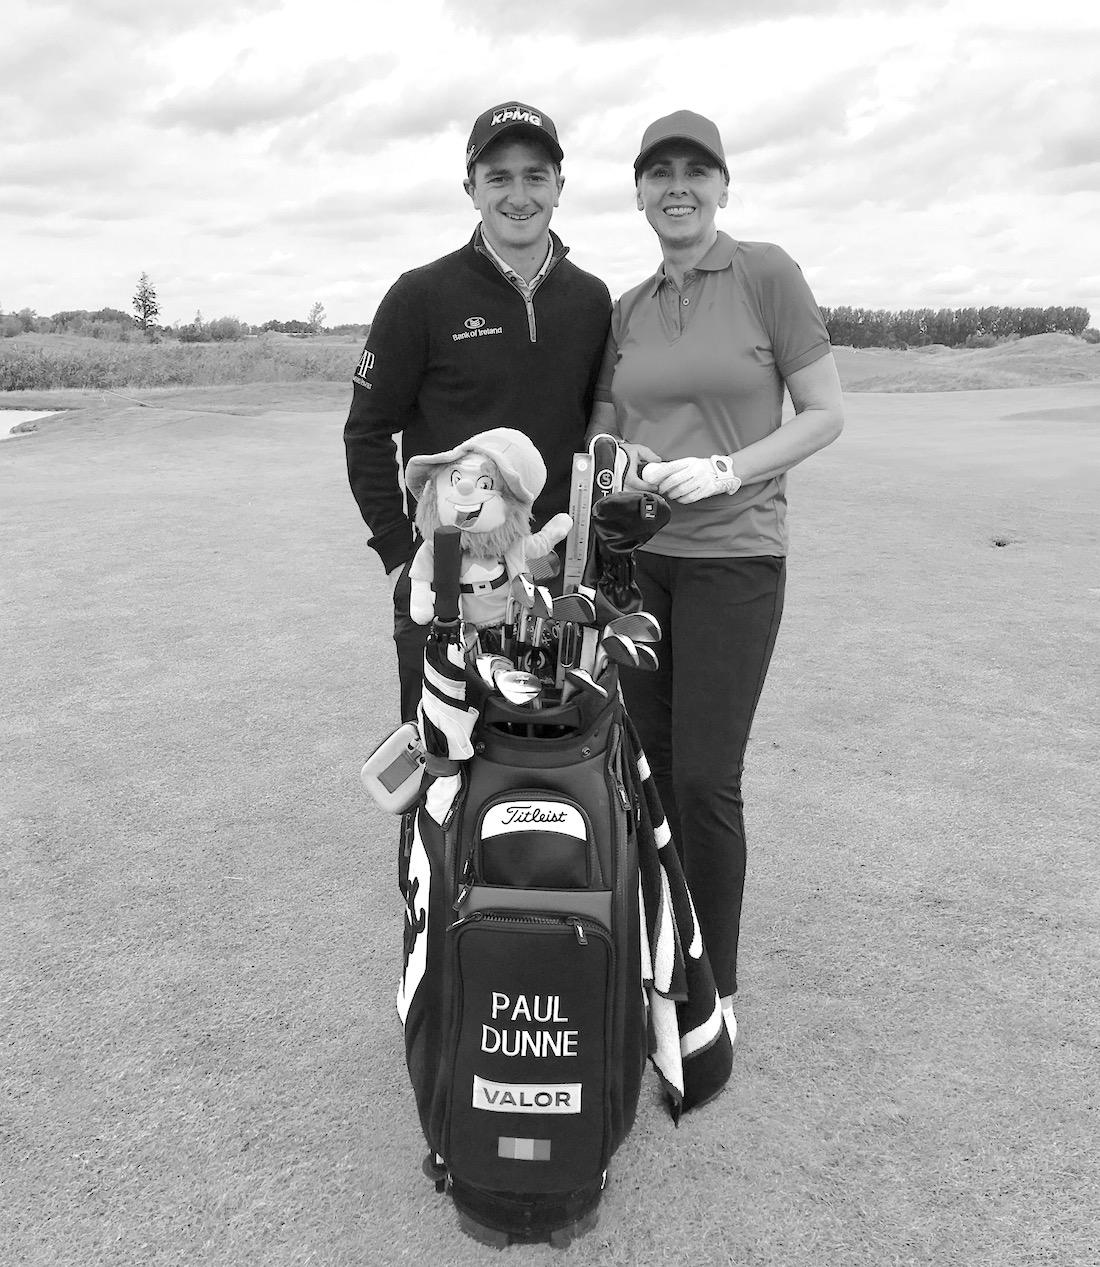 Audemars Piguet golf Paul Dunne